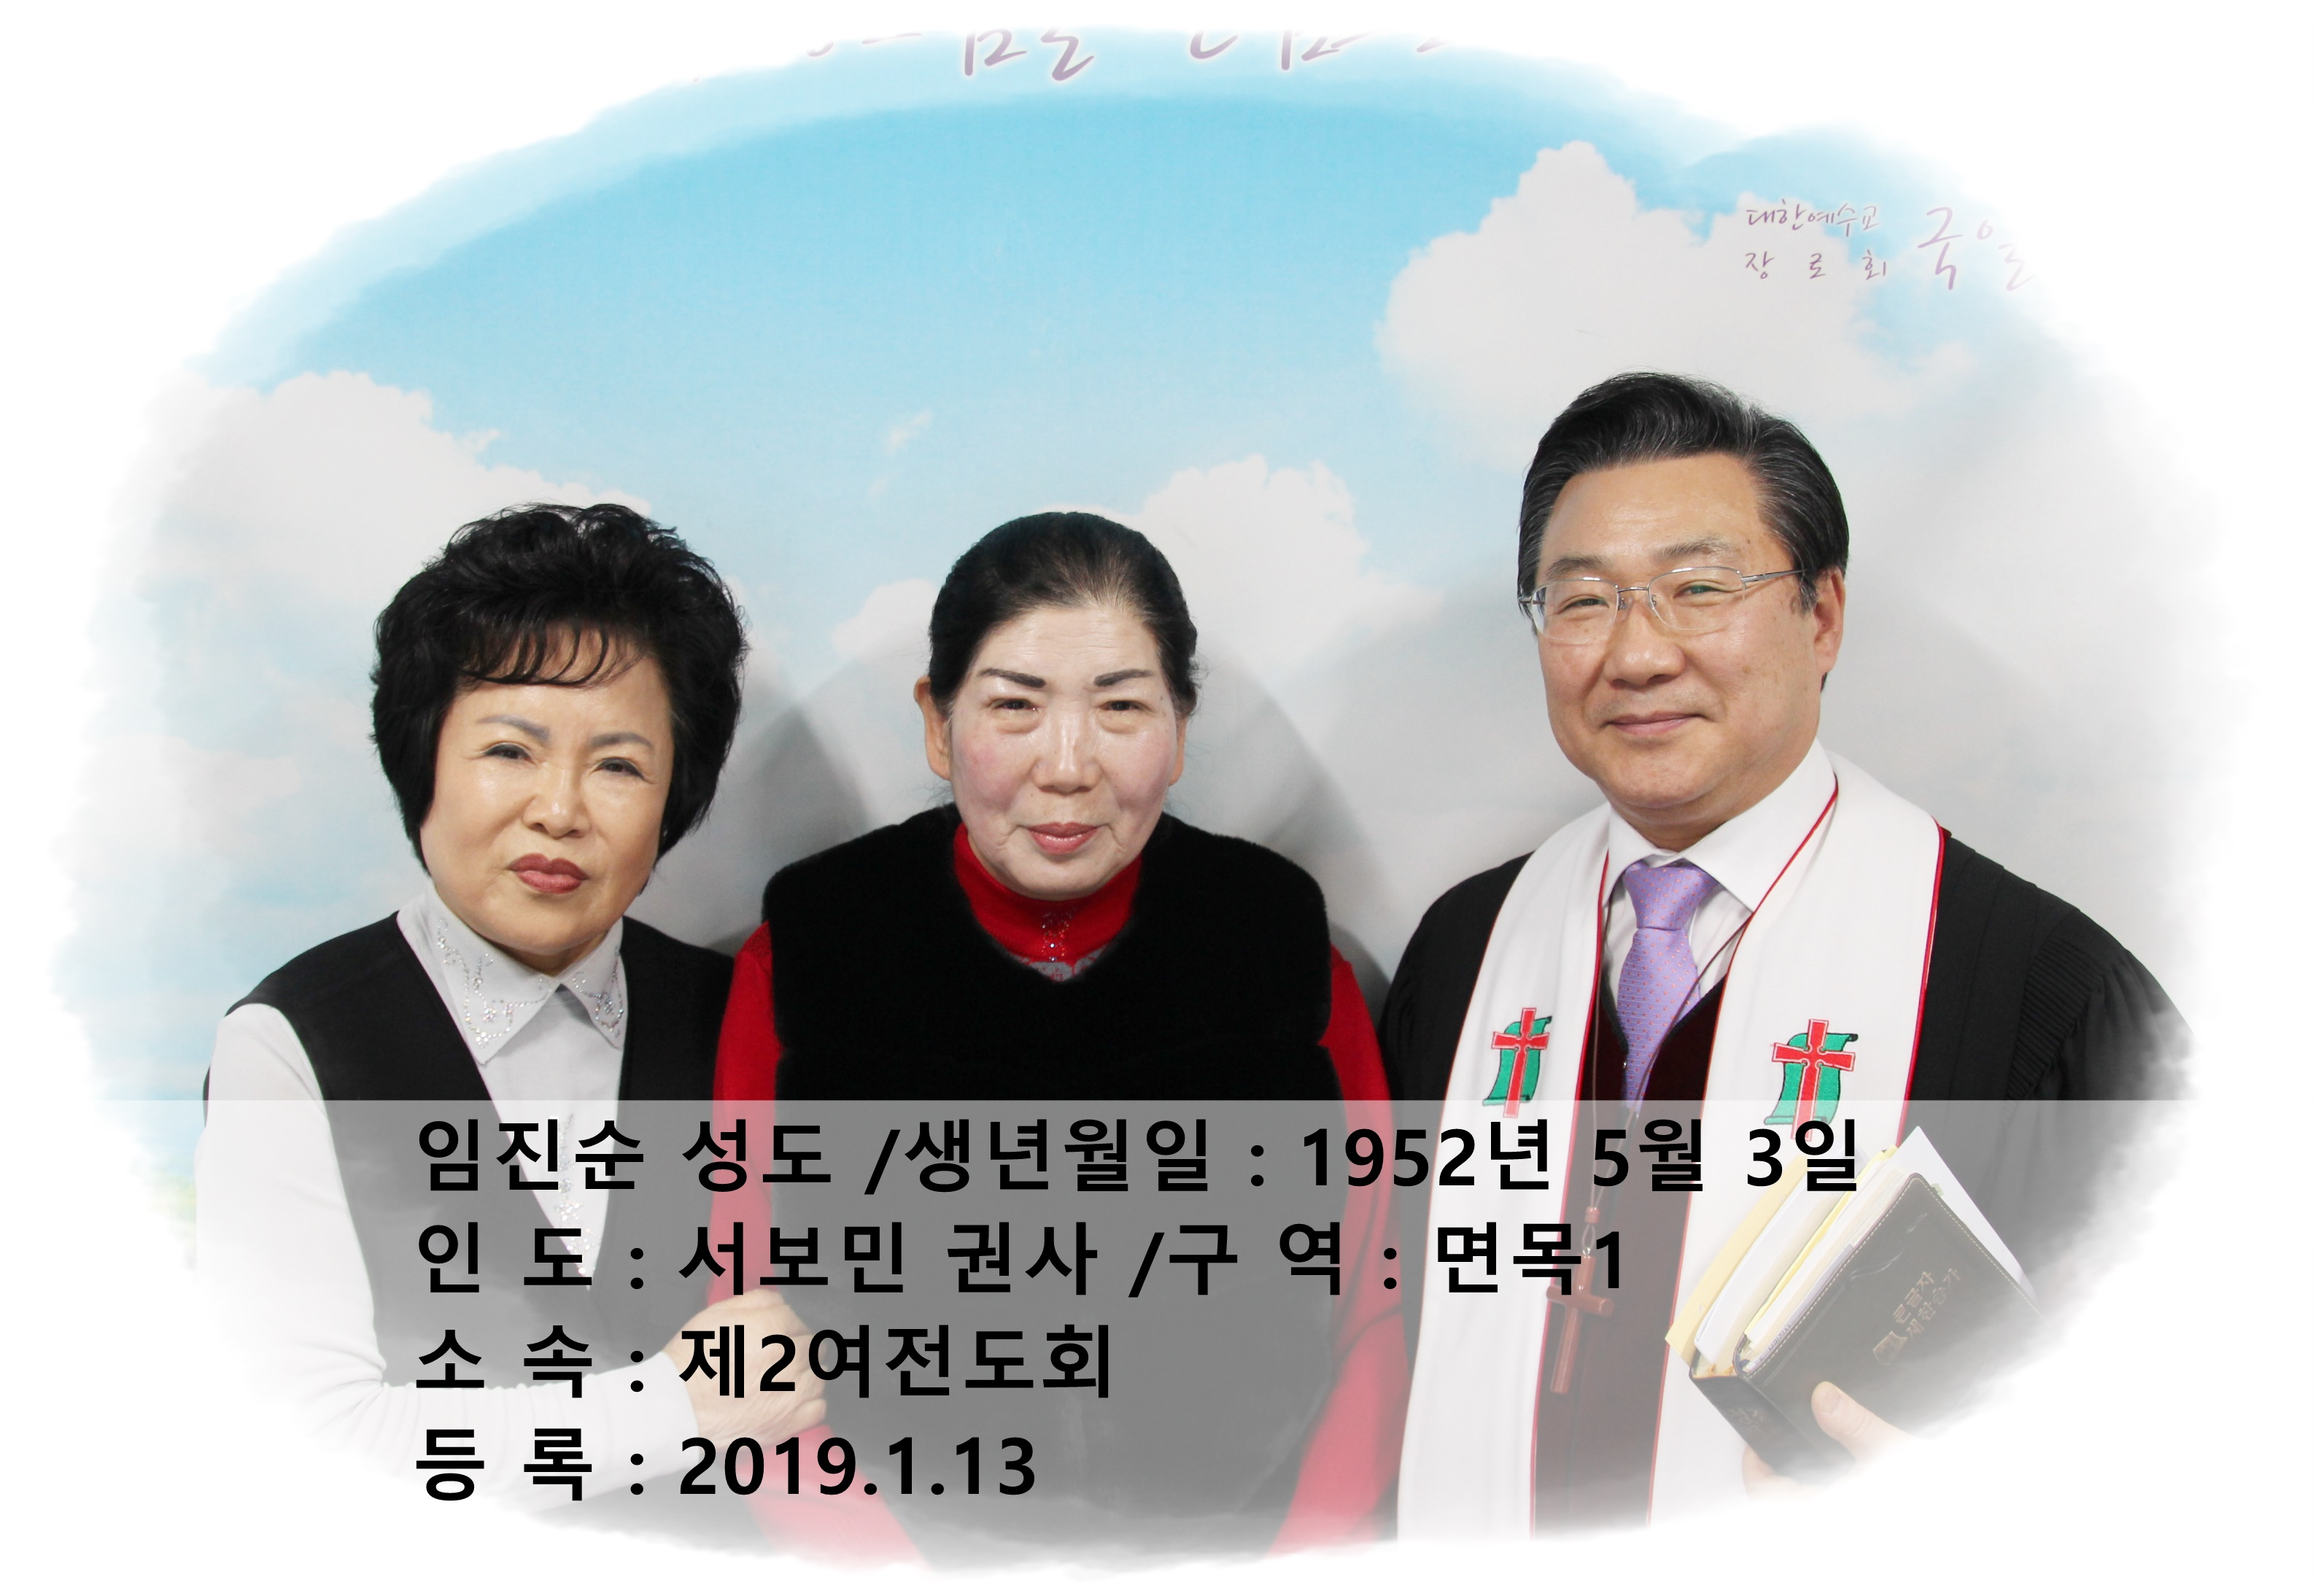 1월13일 임진순 성도.jpg